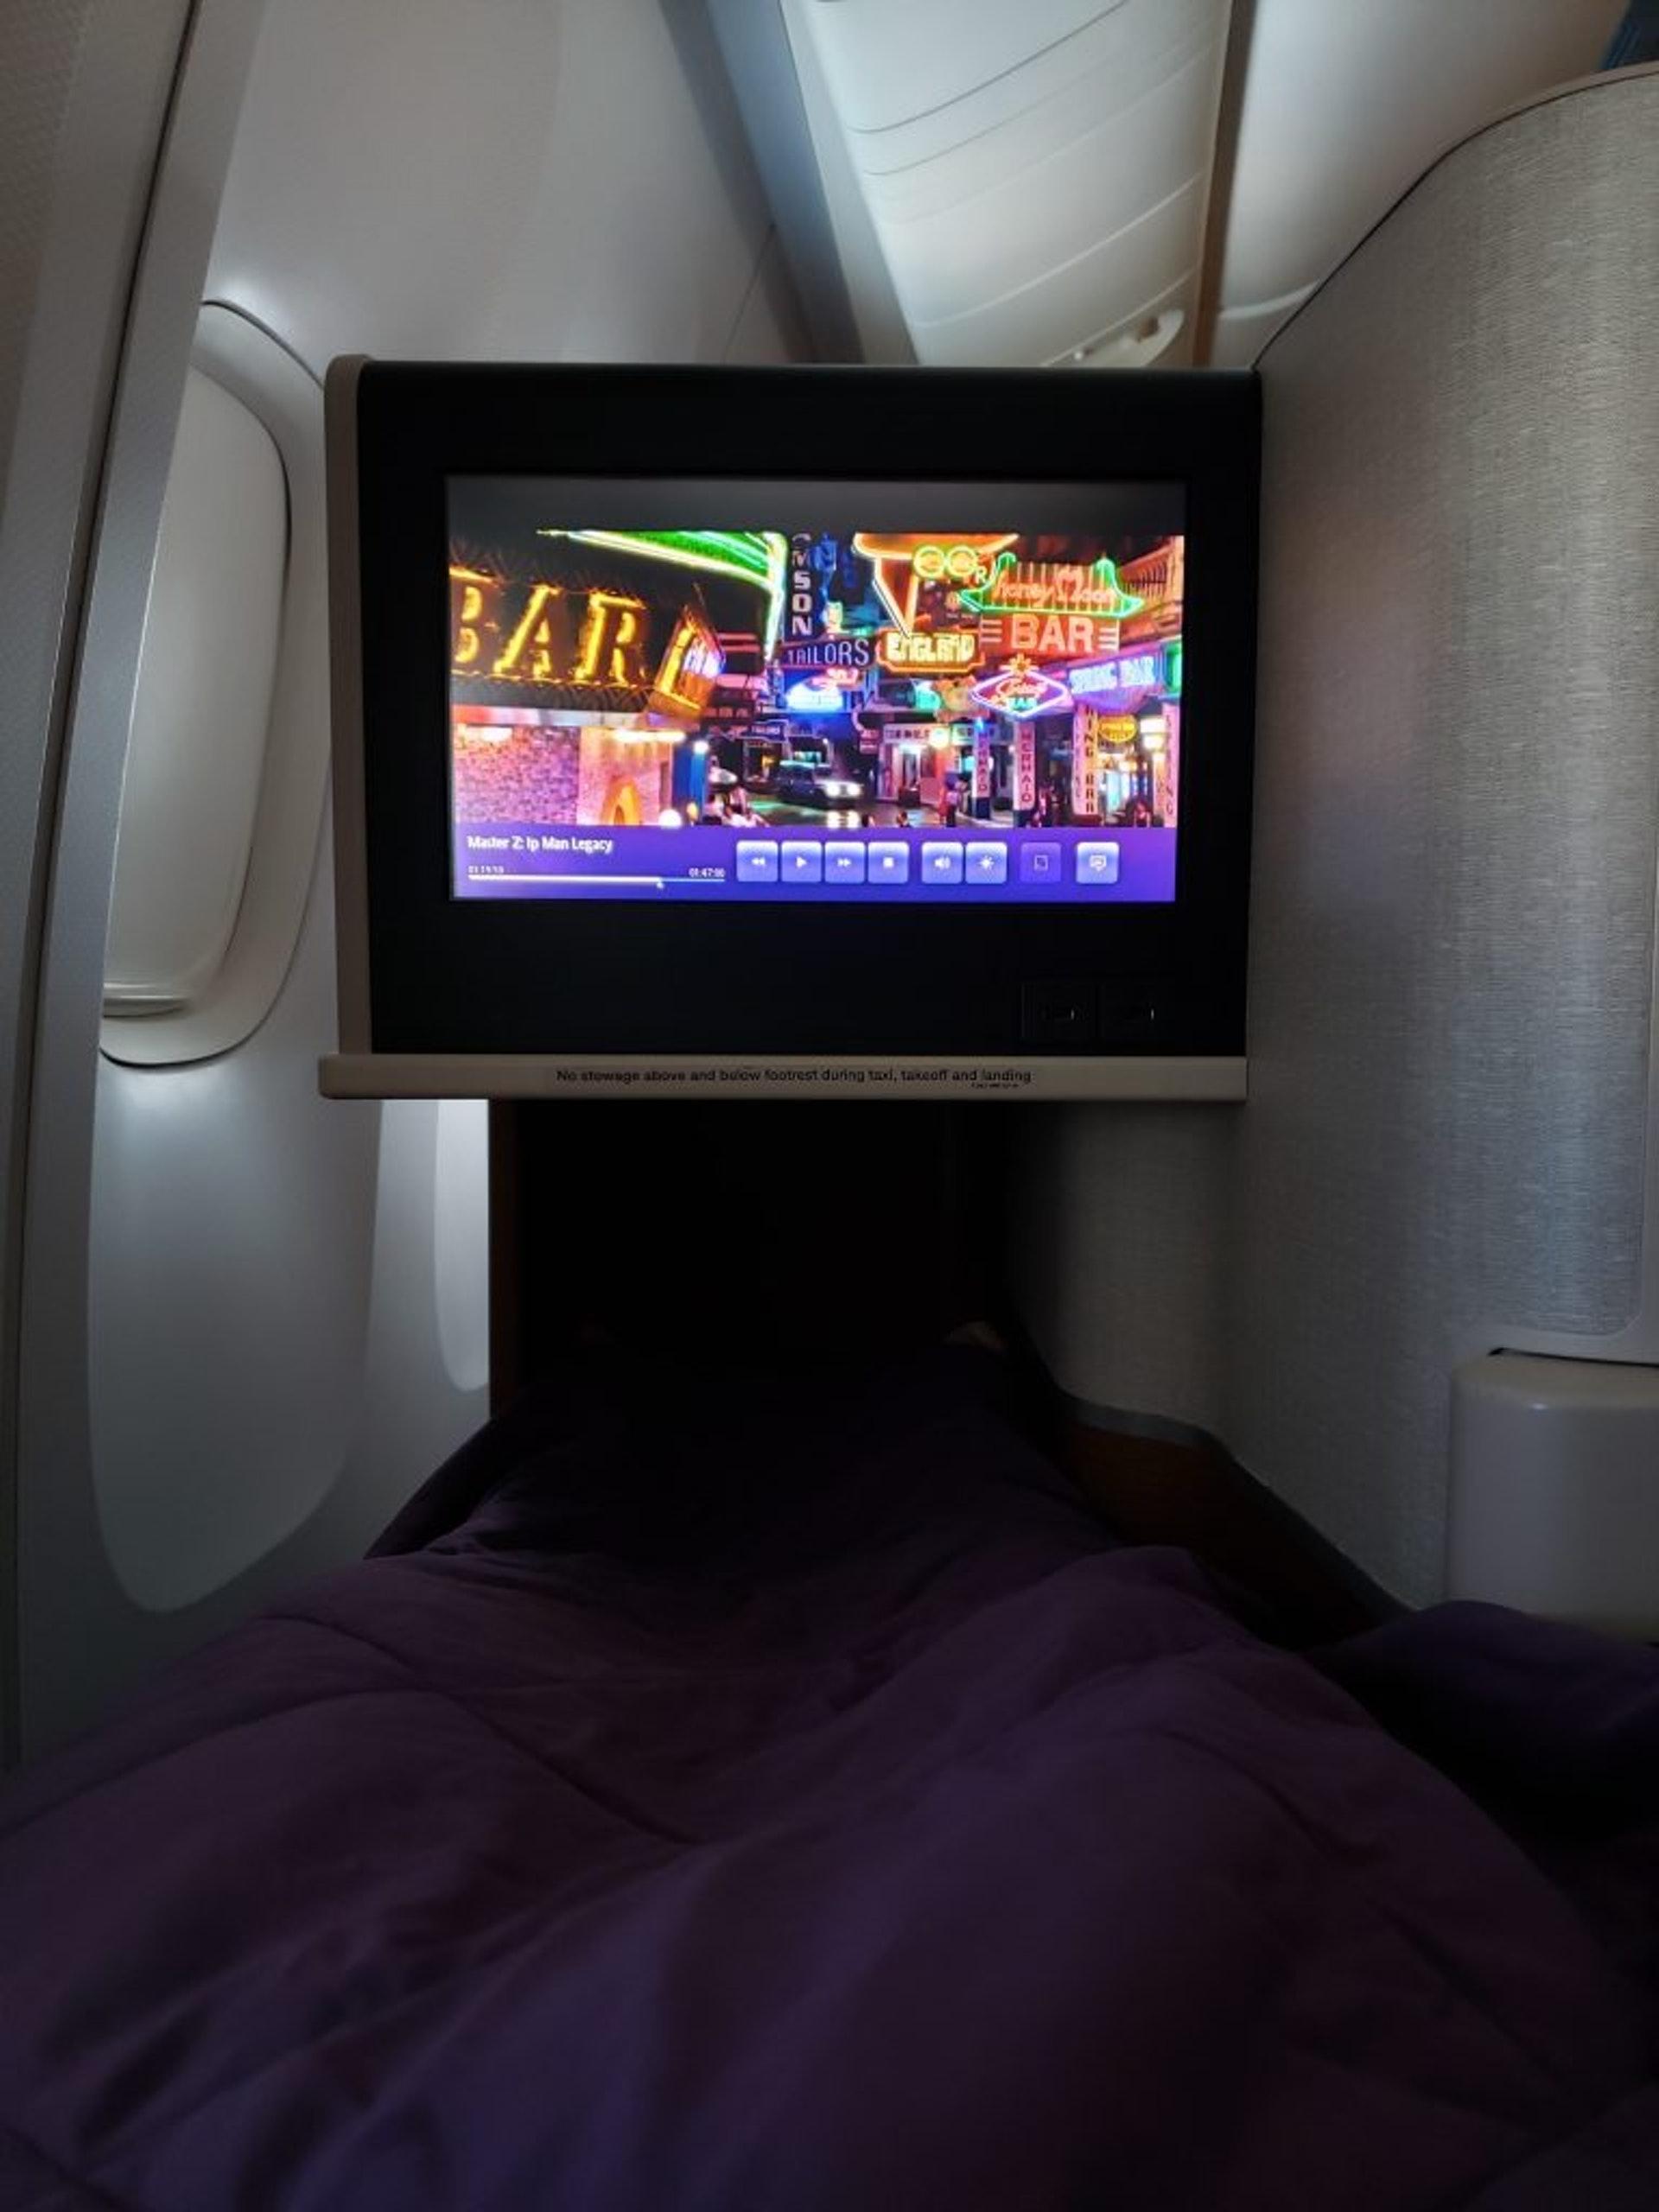 躺著搭飛機,無論何時都應該感恩(TripPlus授權使用)